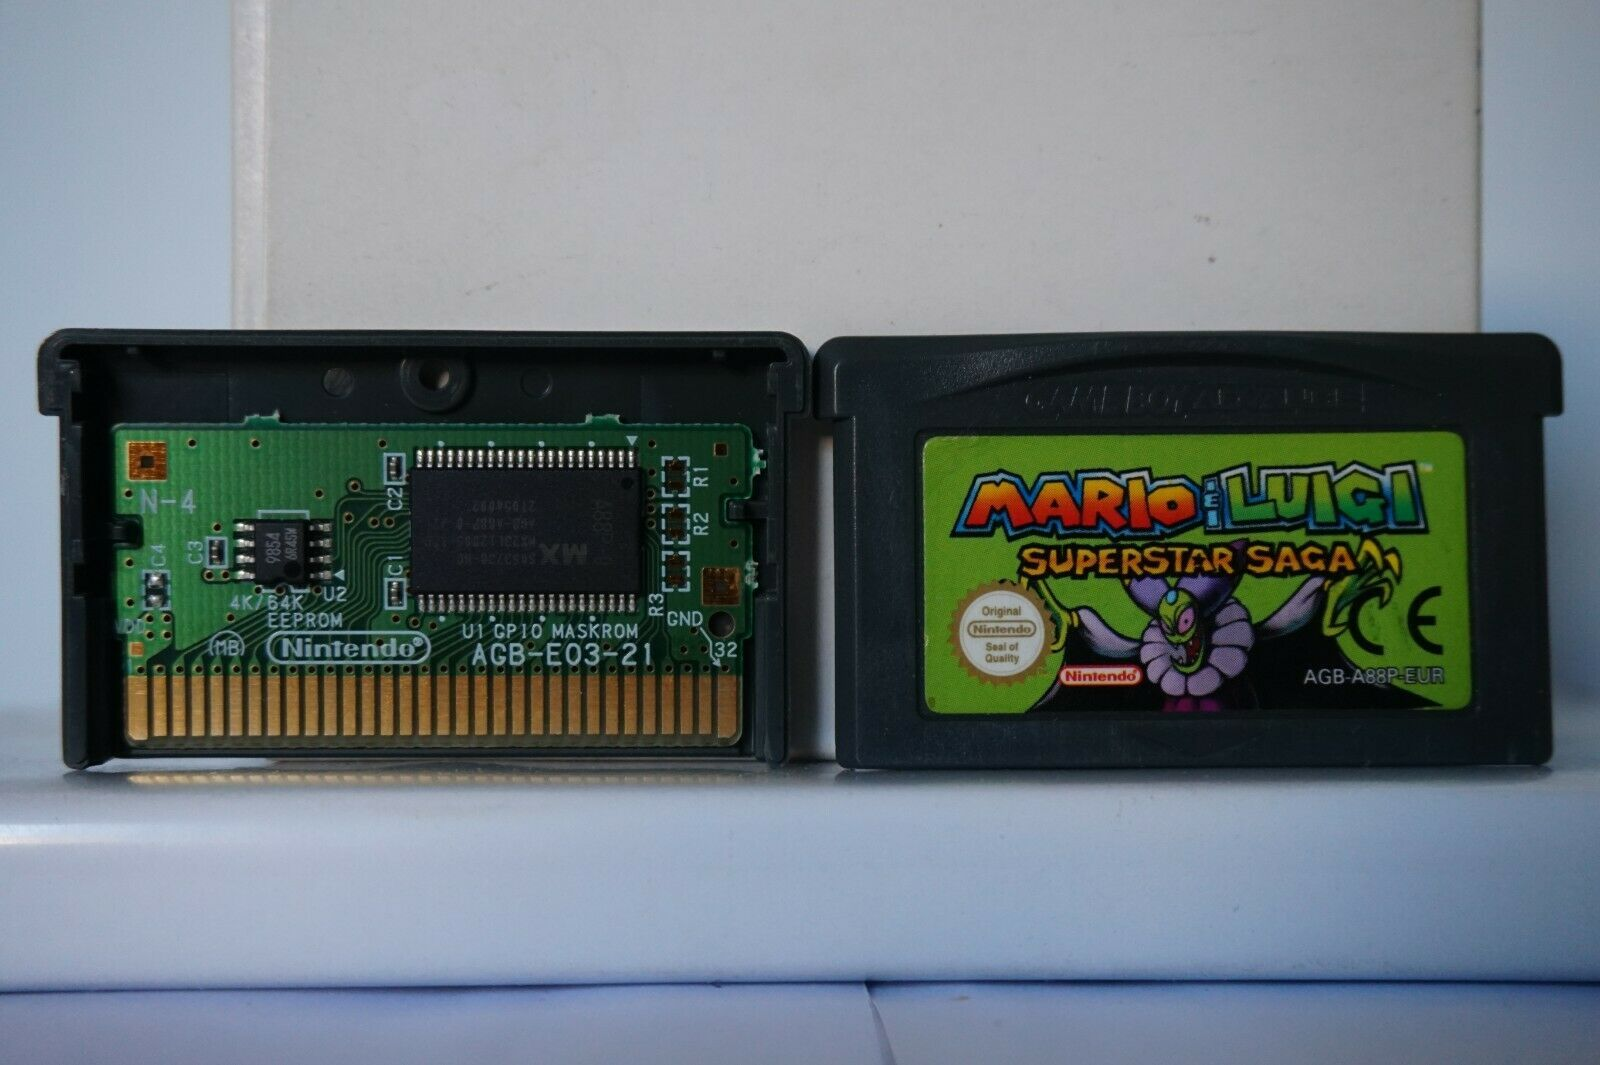 Mario Luigi Superstar Saga Nintendo Game Boy Advance Gba Gameboy